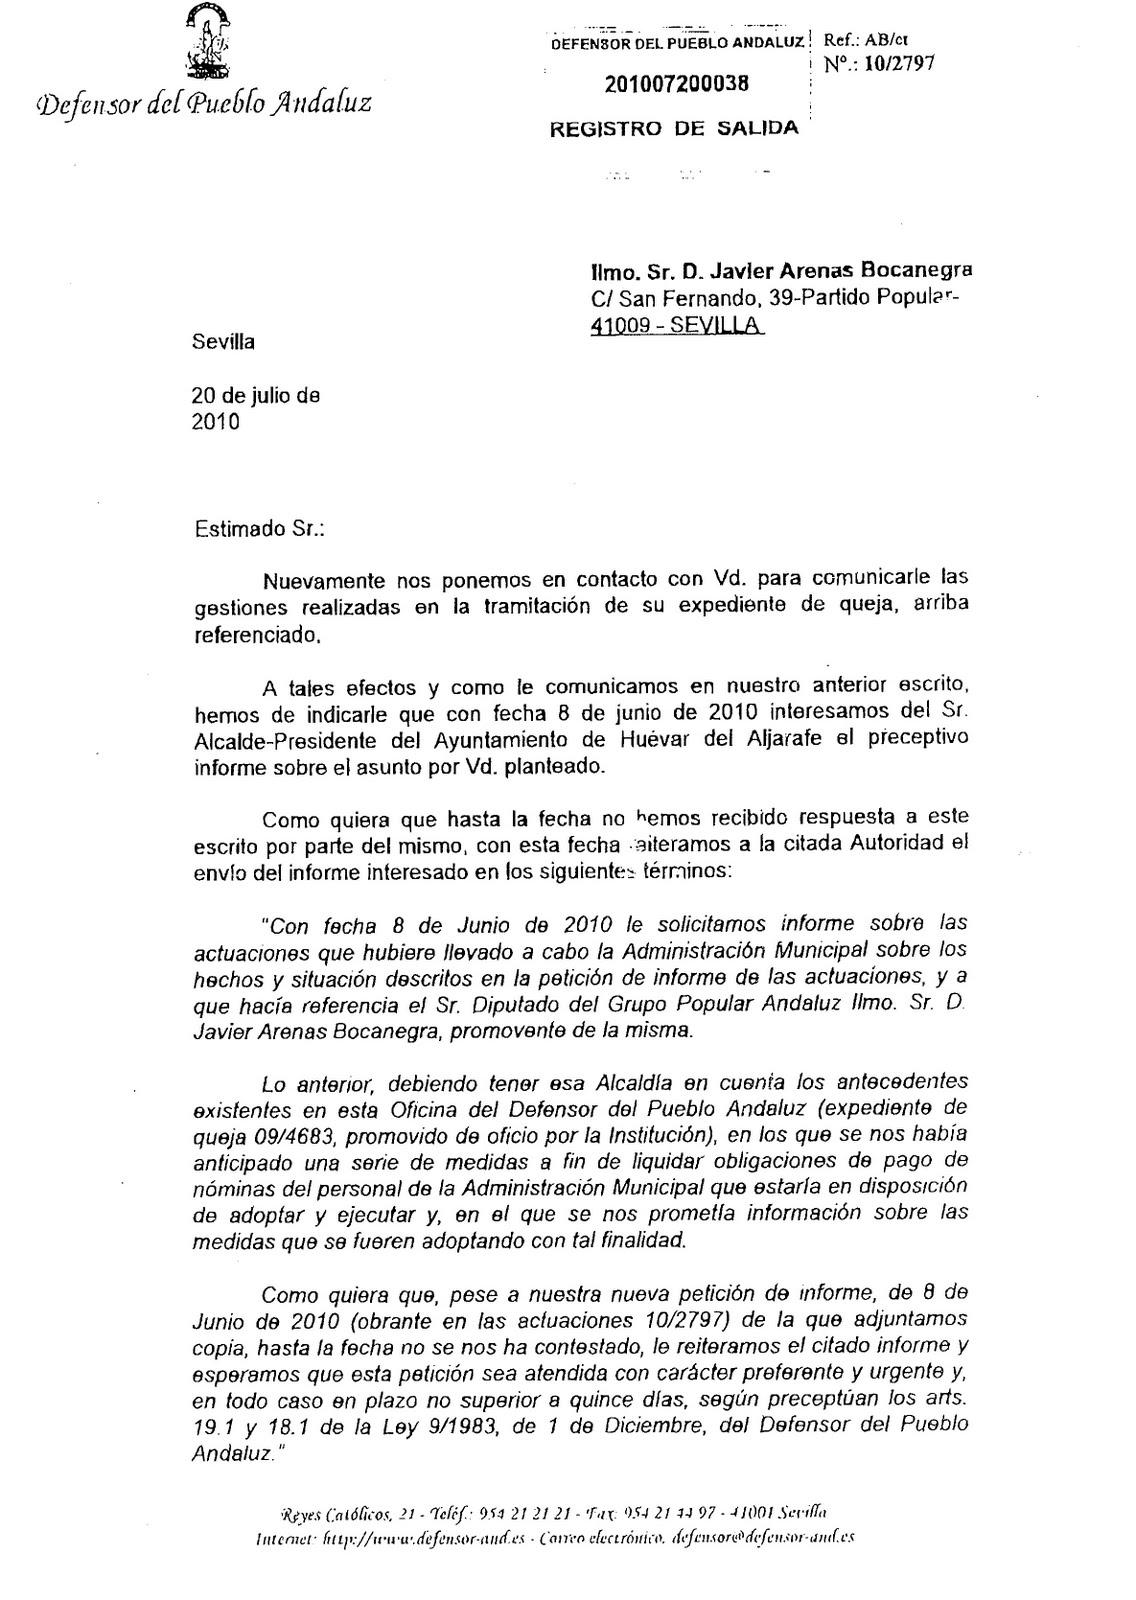 Chamizo requiere al alcalde de hu var para que entregue la for Oficina del defensor del pueblo